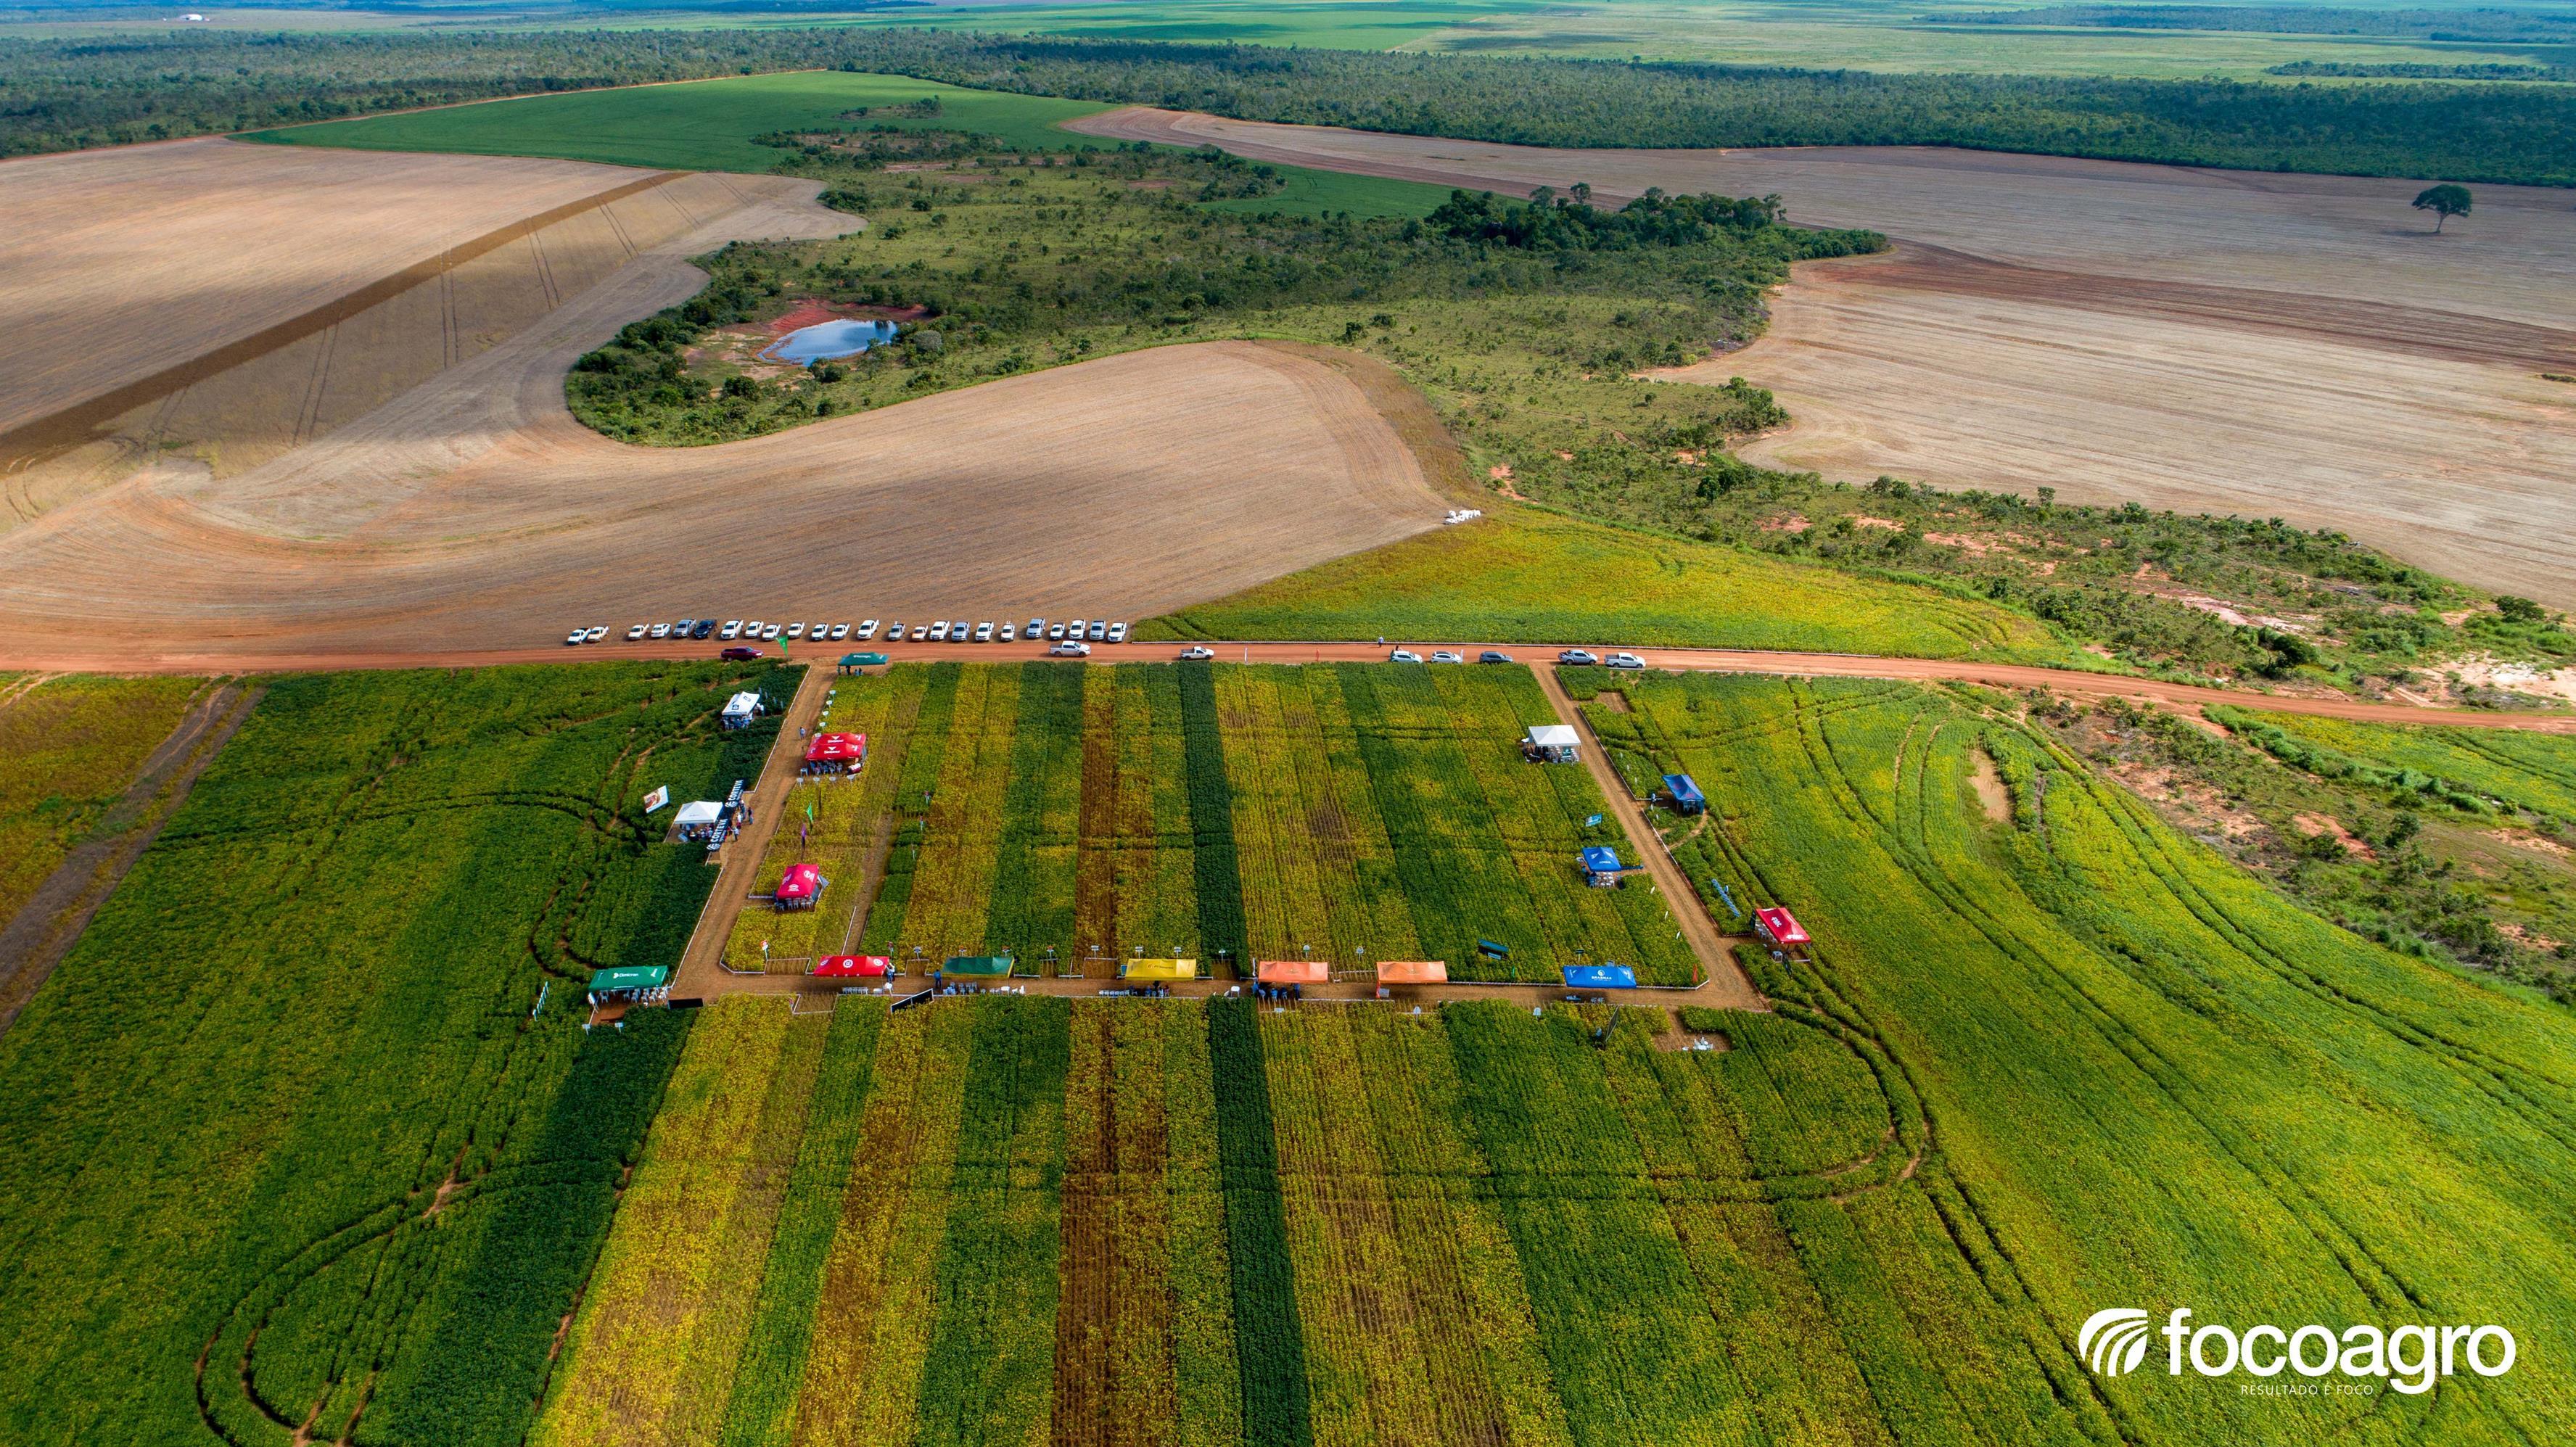 Dia de Campo da FOCOAGRO reúne quase 350 participantes em Guaraí; veja álbum de fotos